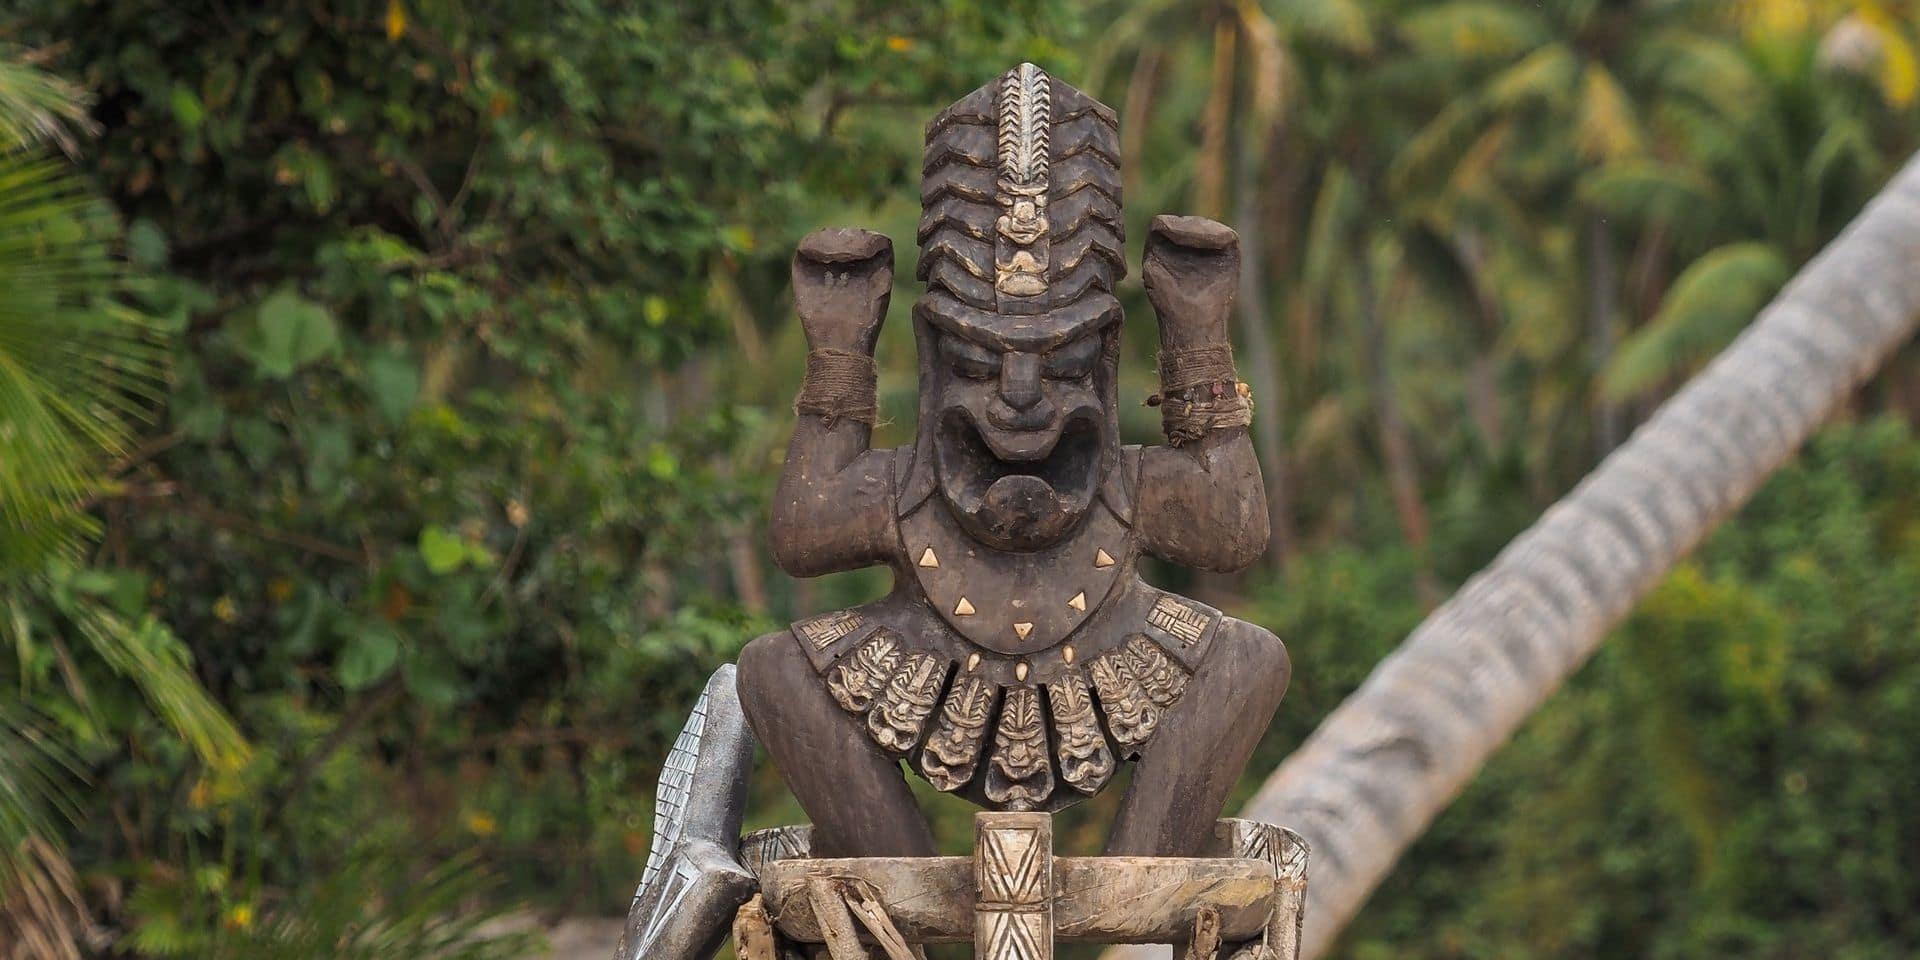 Entre coups durs, résurrections et casting d'aventuriers hors-normes: l'incroyable histoire de Koh-Lanta